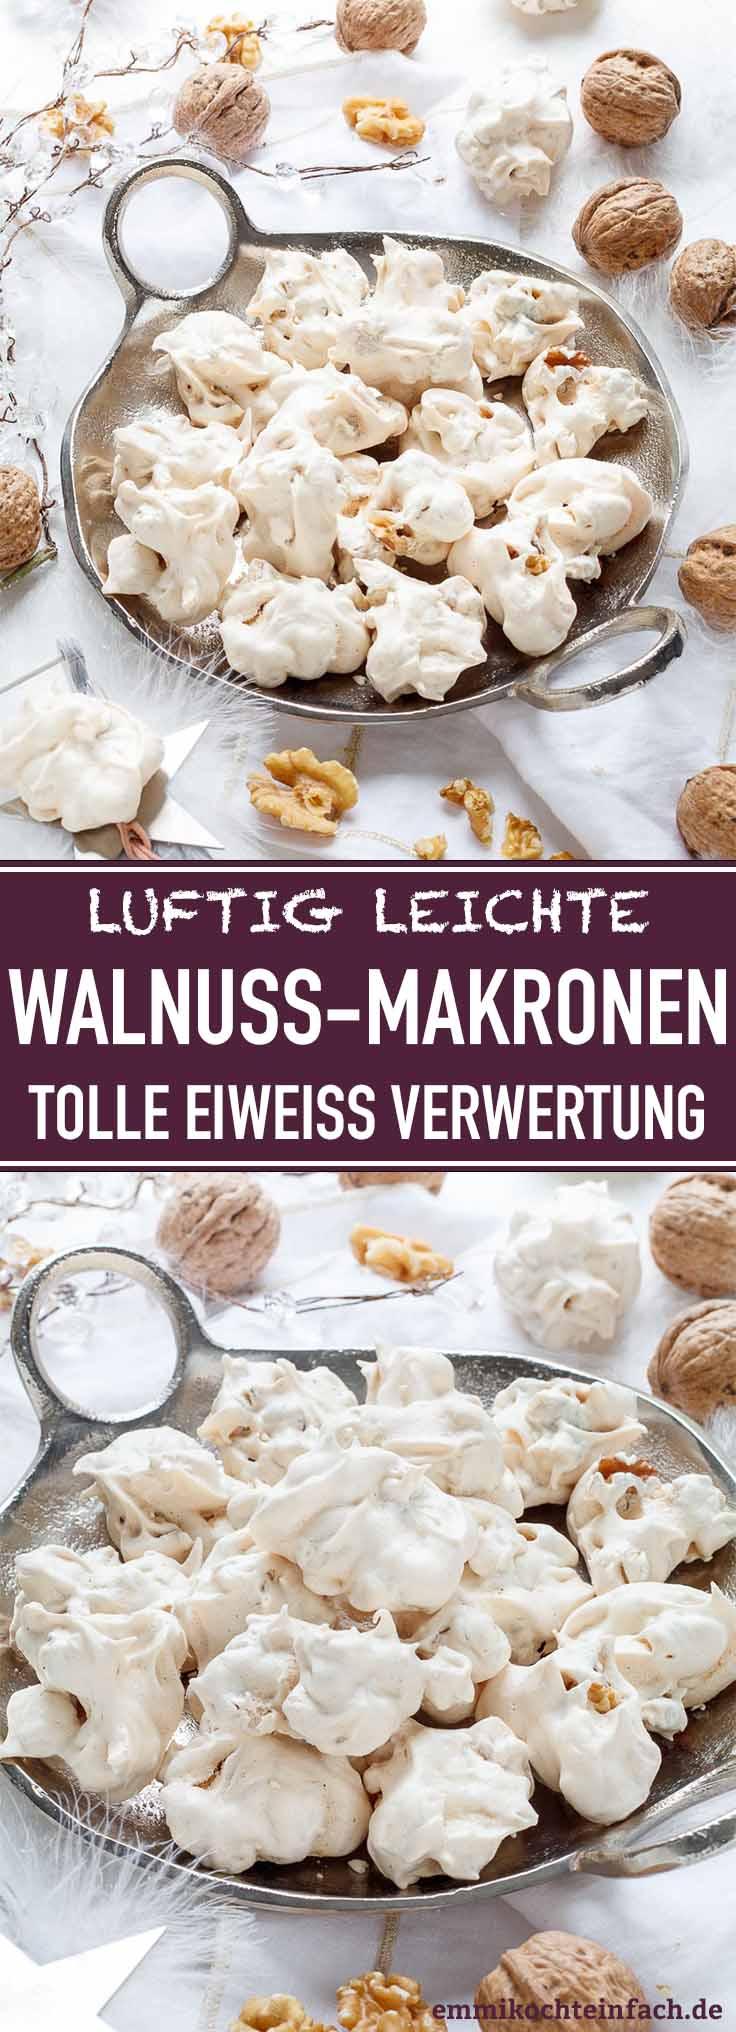 Walnussmakronen - www.emmikochteinfach.de